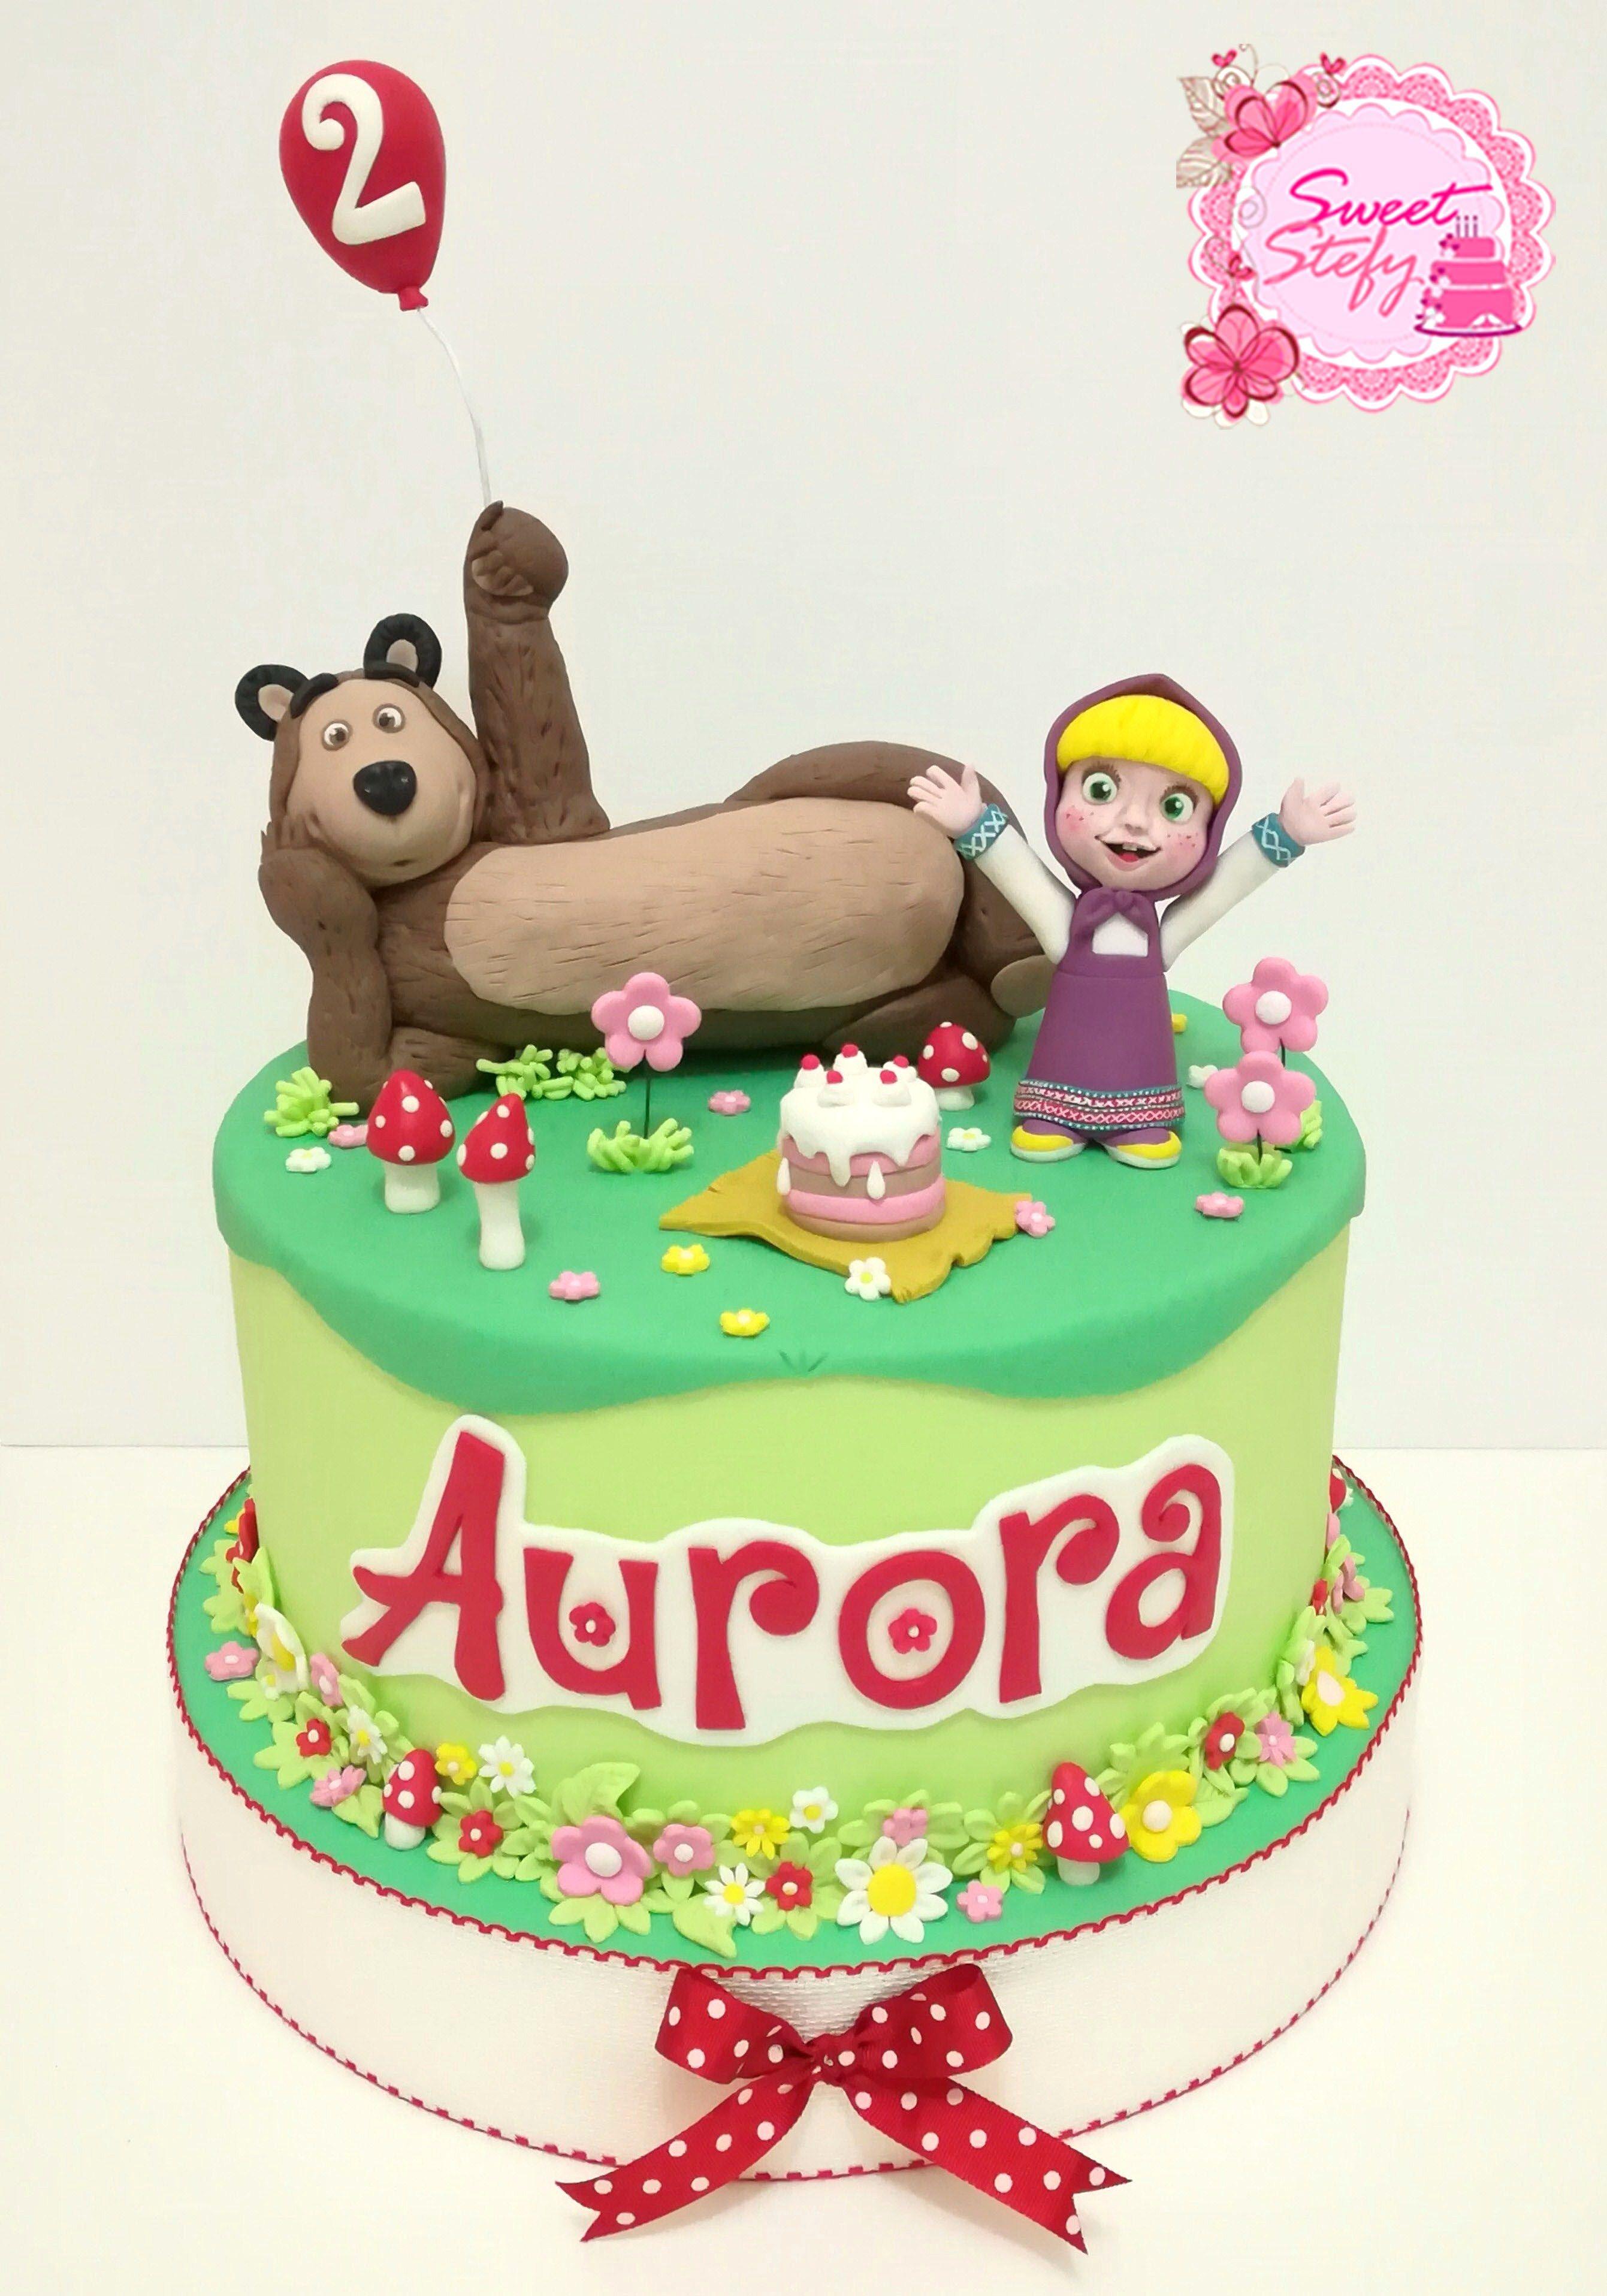 Masha E Orso Masha And The Bear Cake Sweetstefy On Instagram